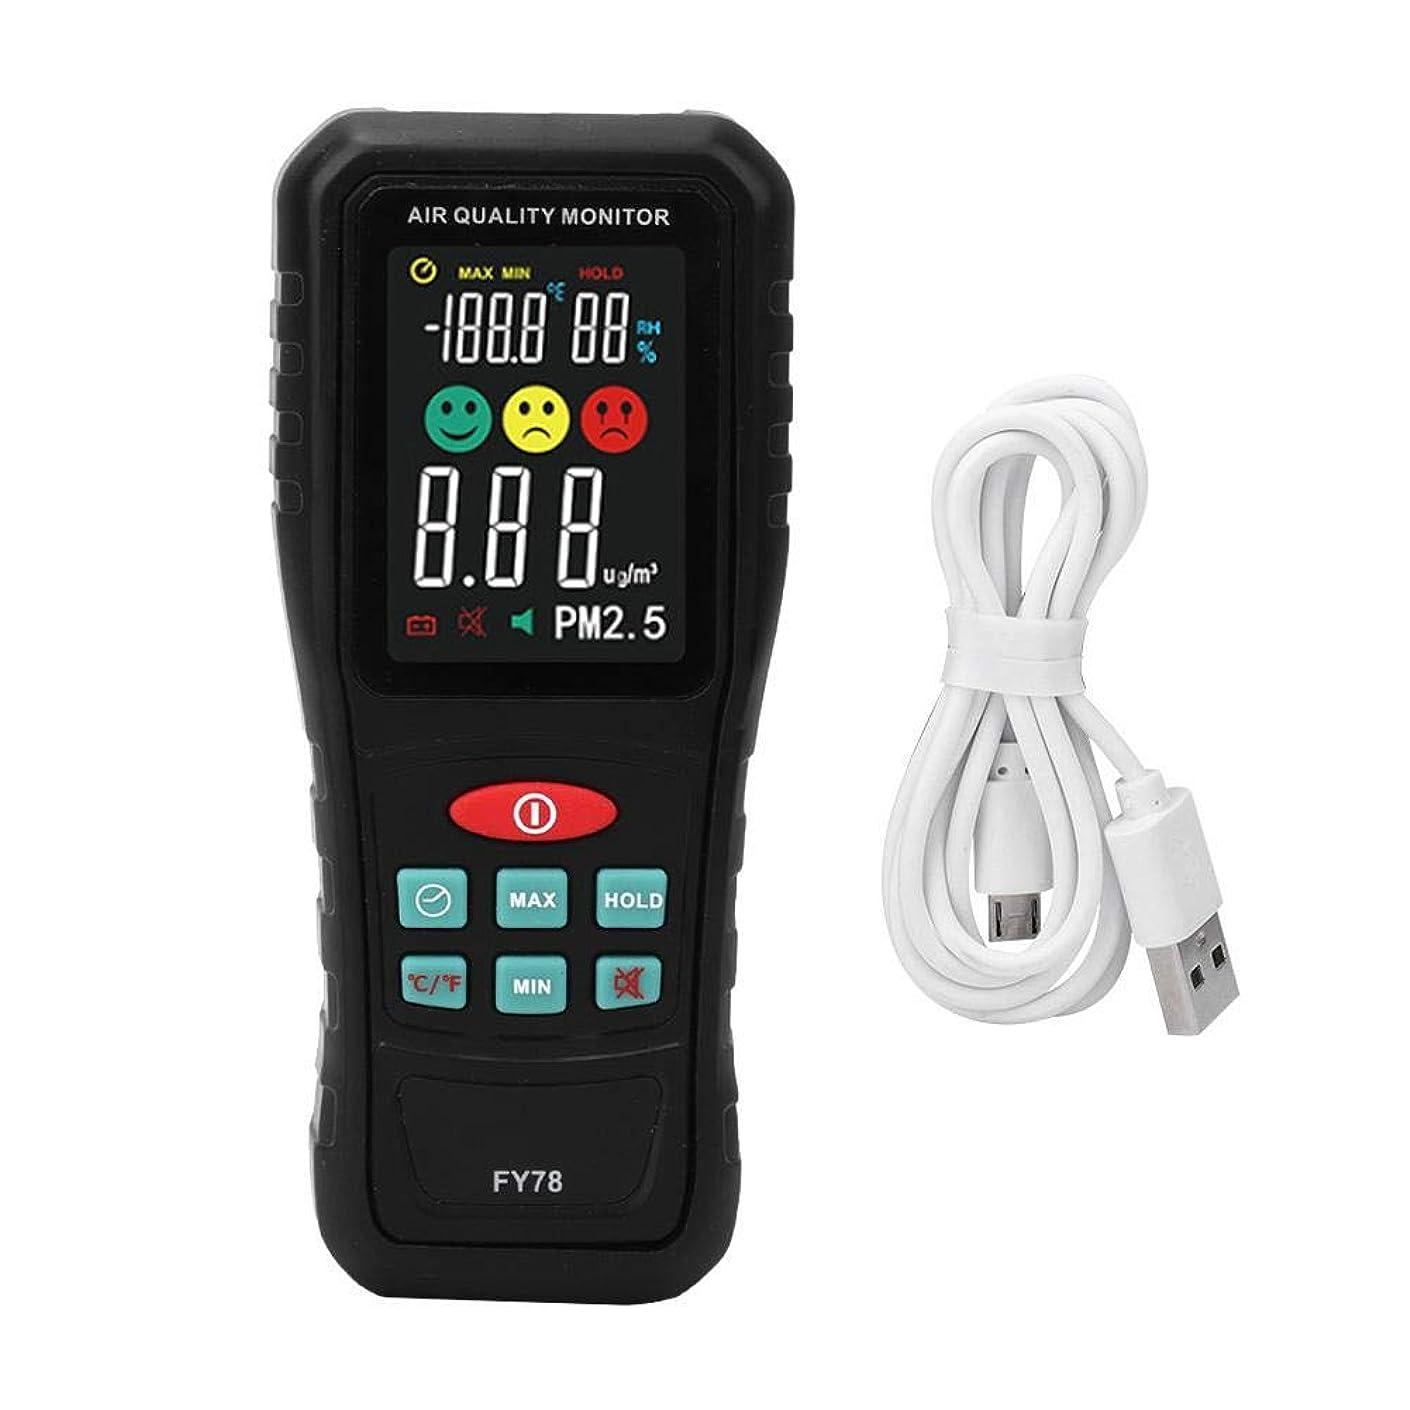 なに手段バランスPM2.5空気質モニター ハンドヘルド LCD空気質検知器 温度計 湿度計 大気汚染検知器 屋内および屋外用USBケーブル